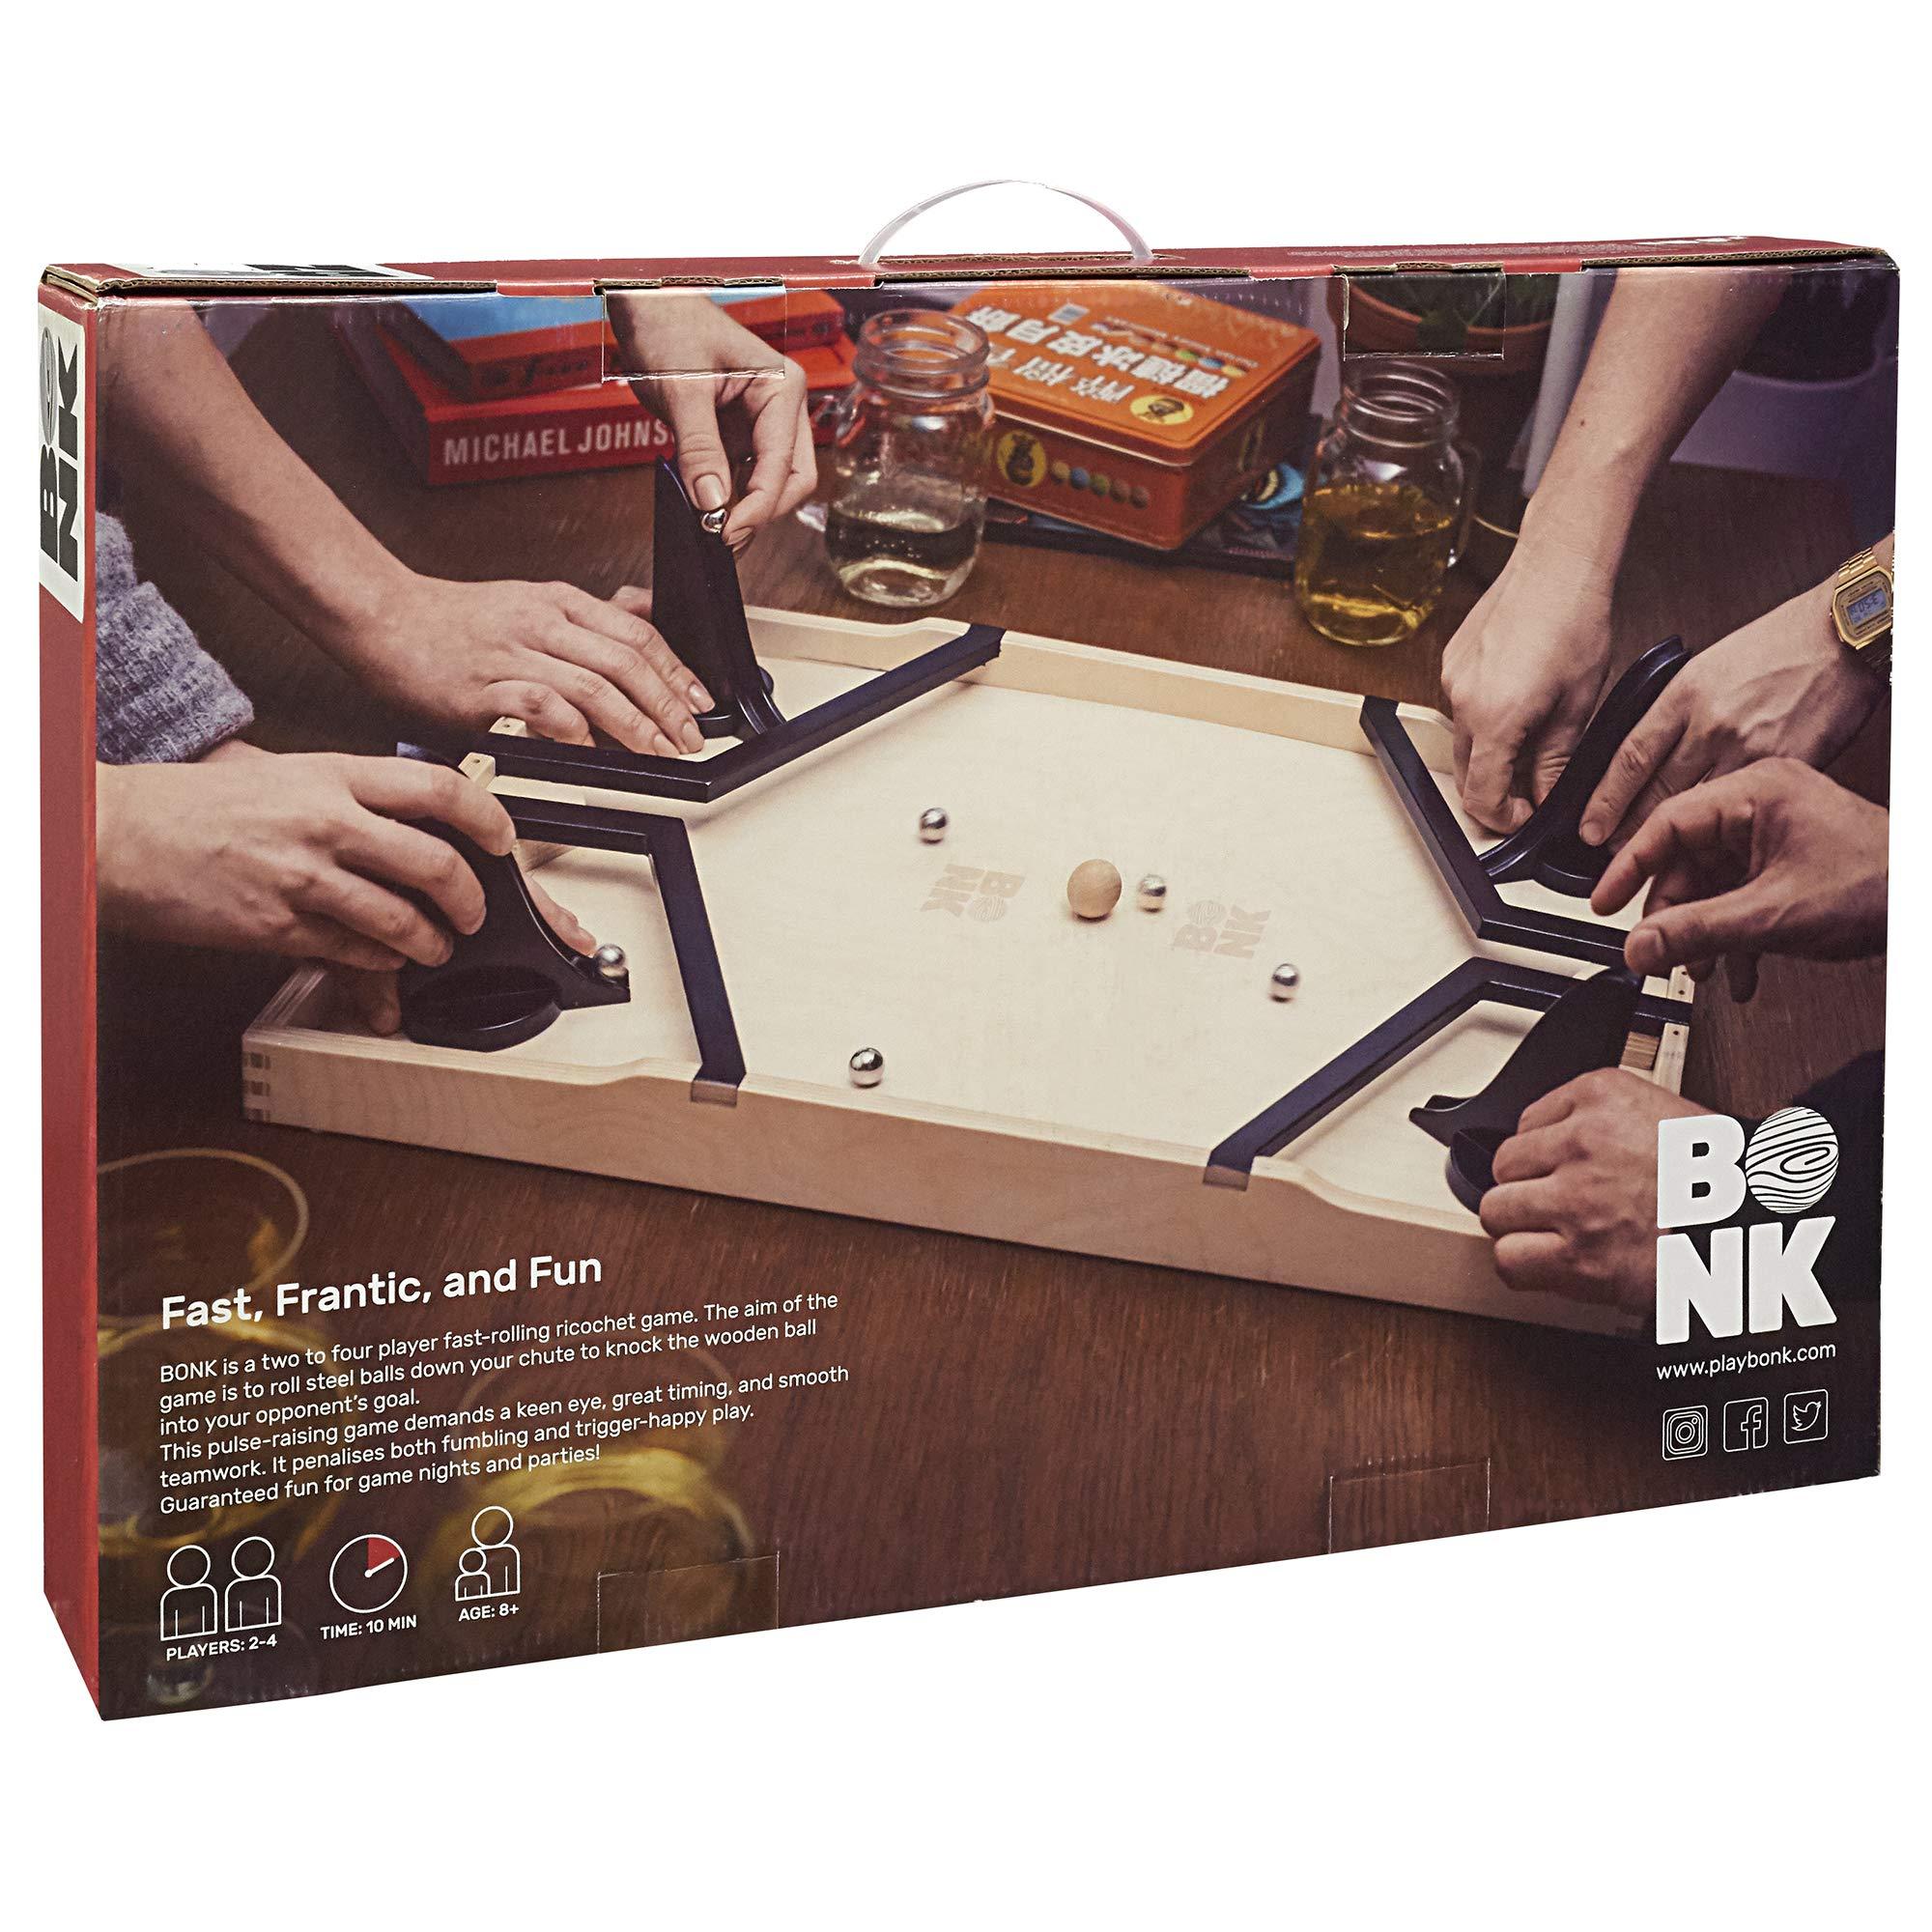 OLIPHANTE – Bonk Juegos de Caja, Color no, 6002054: Amazon.es: Juguetes y juegos